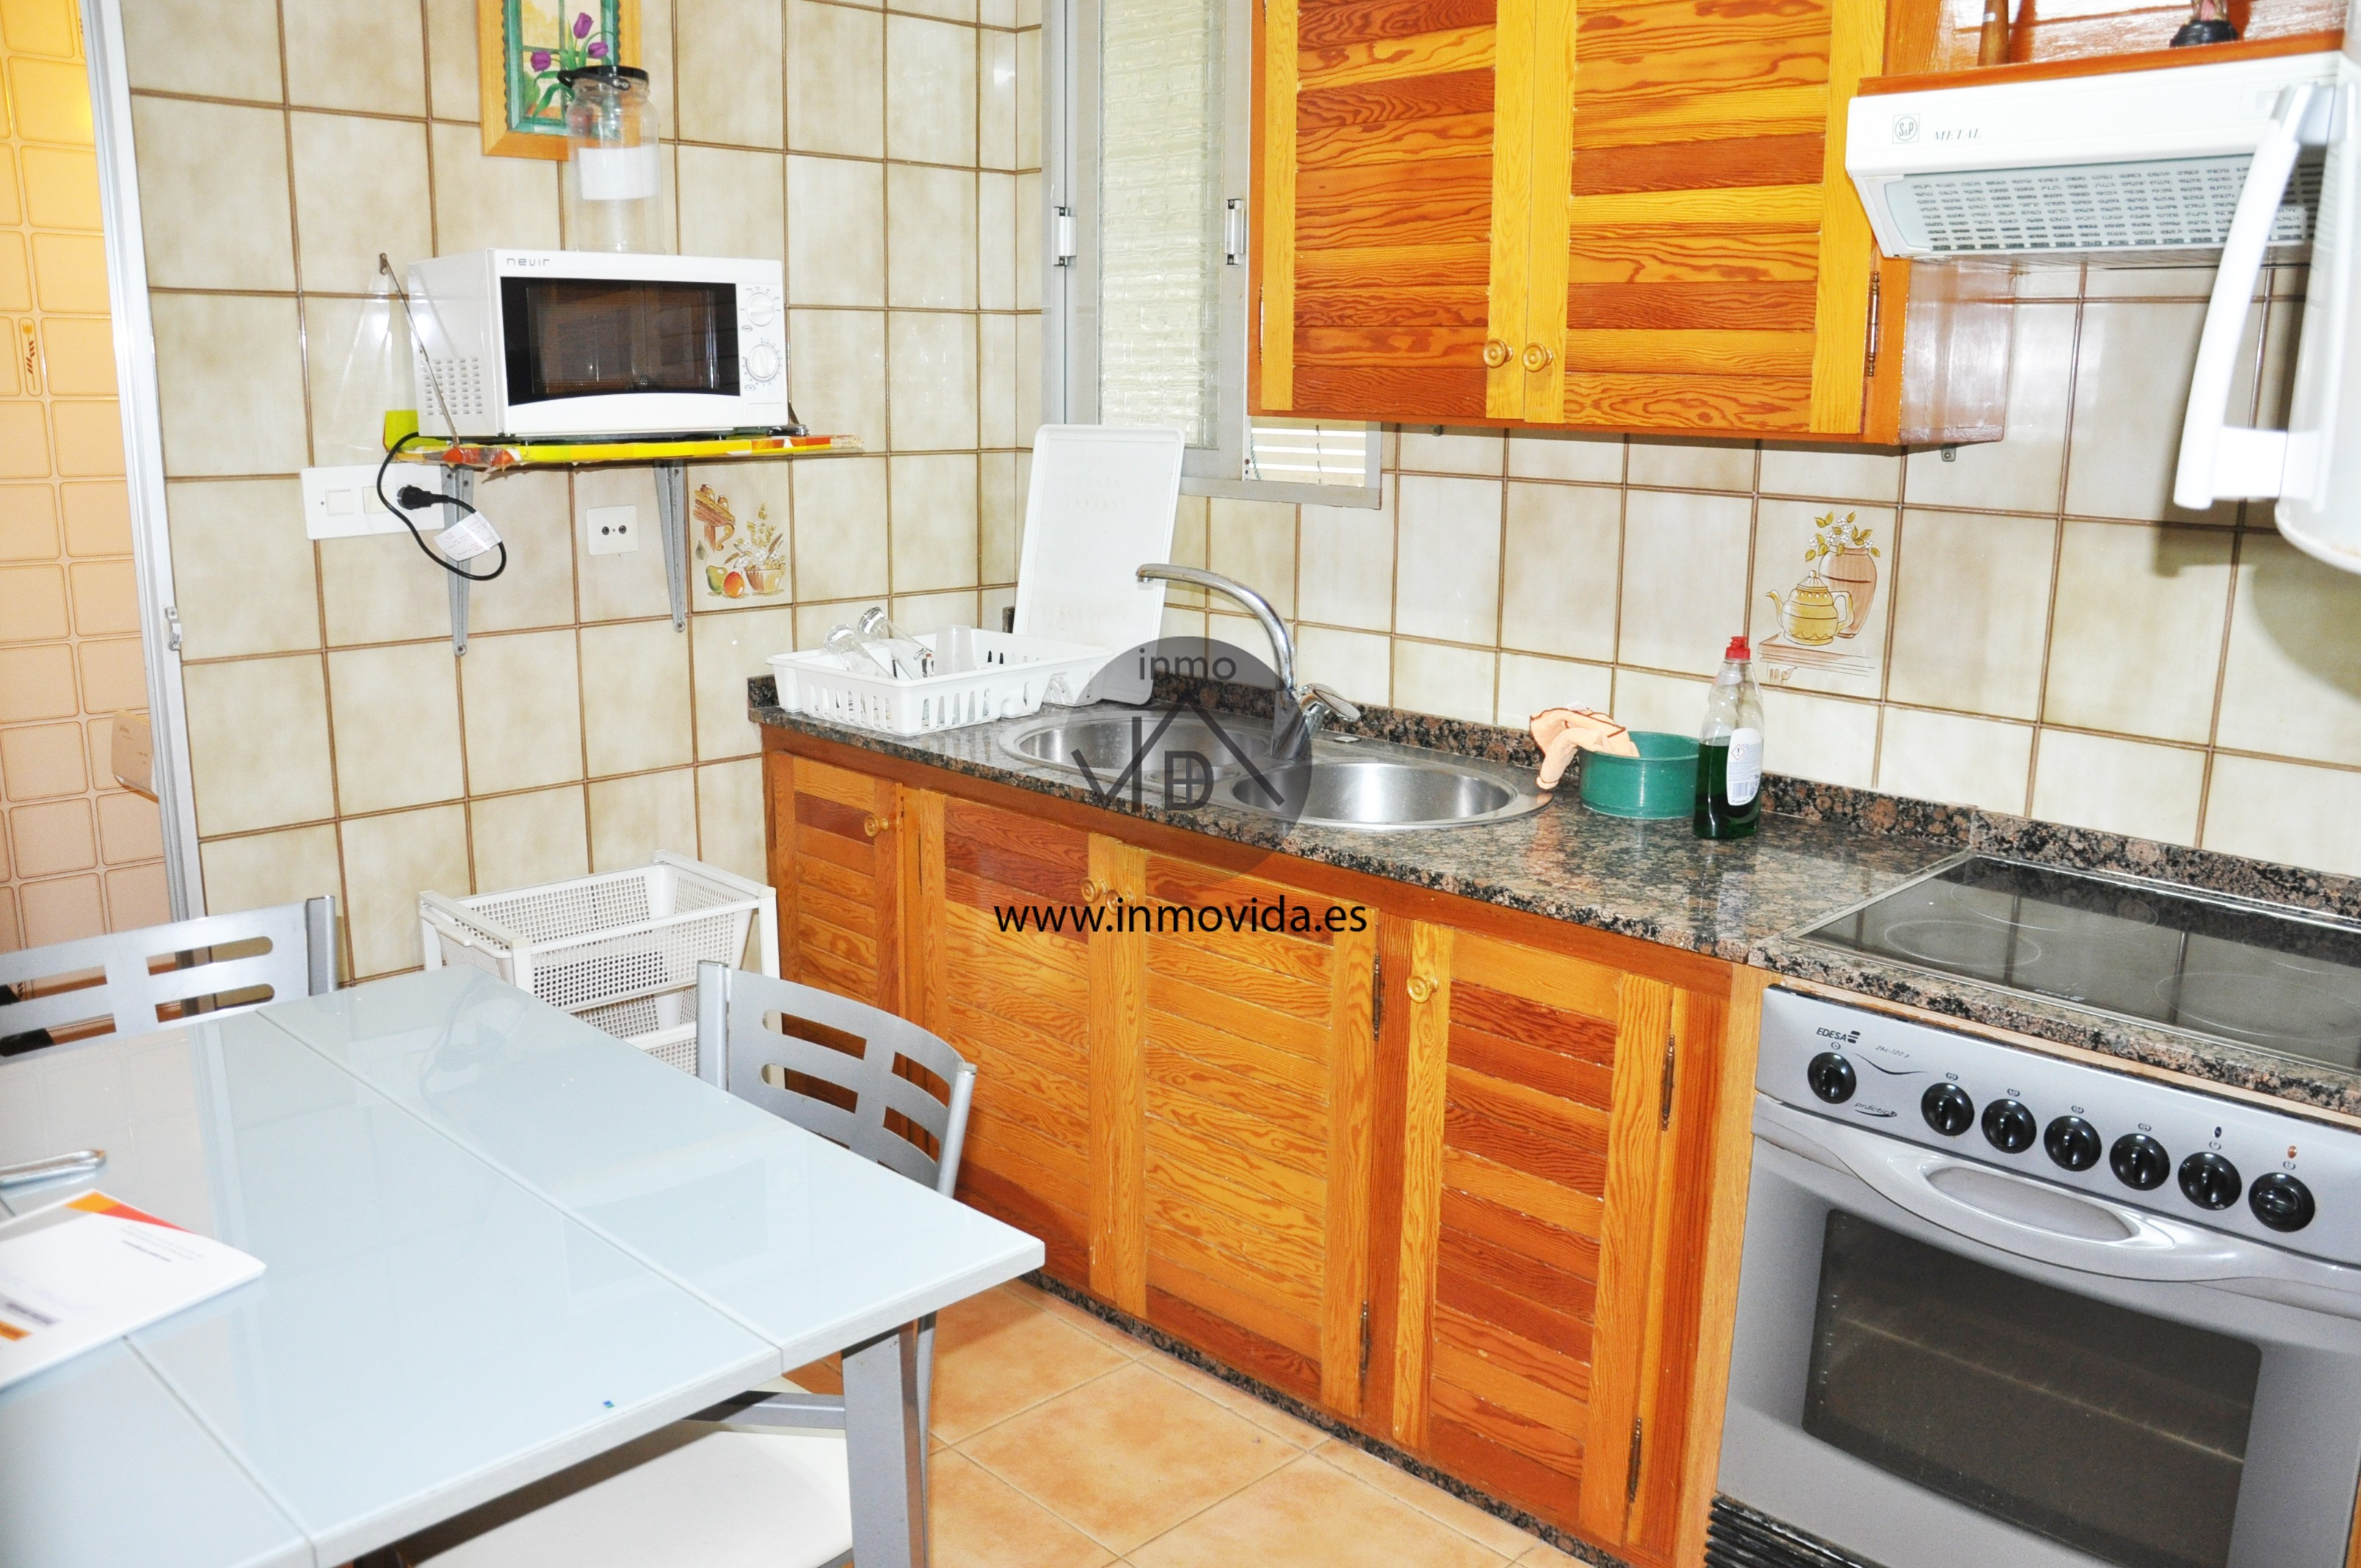 Inmobiliaria Inmovida vende piso en Manuel